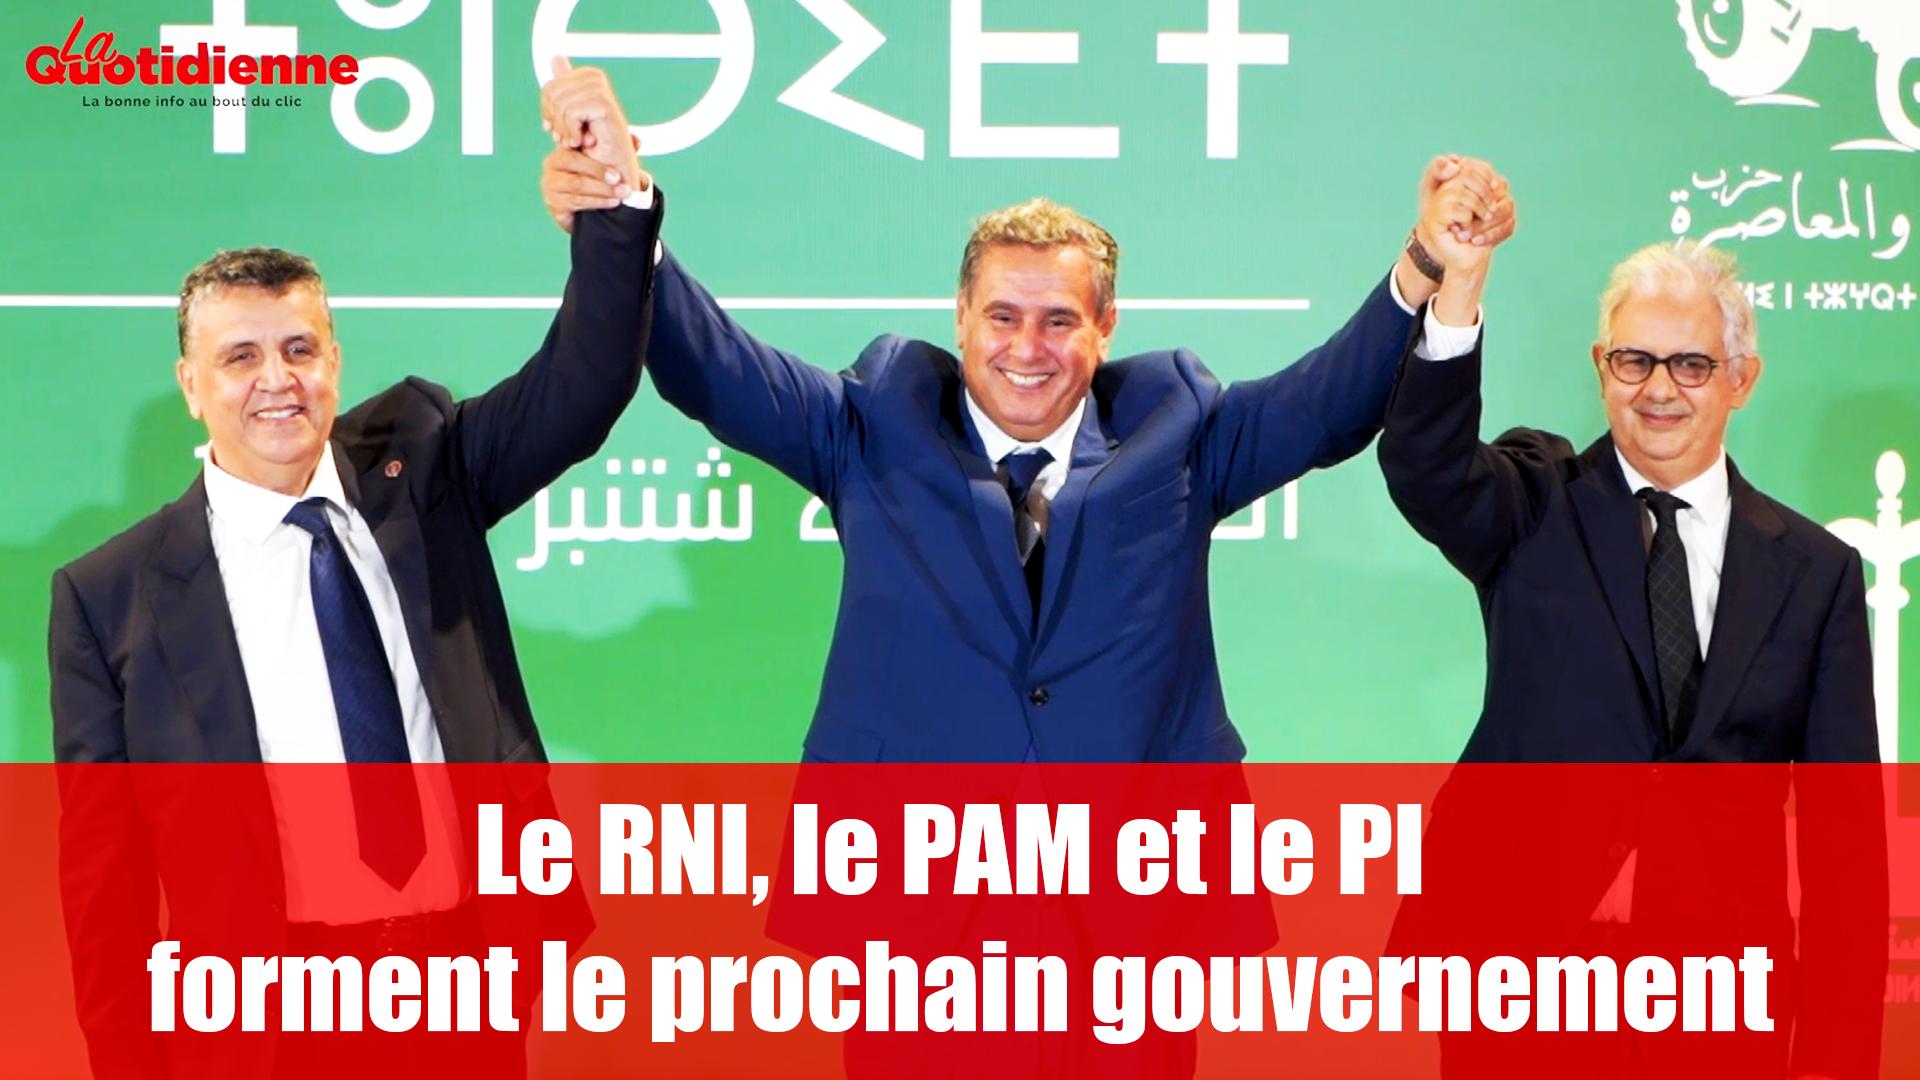 VIDEO. Le RNI, le PAM et le PI forment le prochain gouvernement